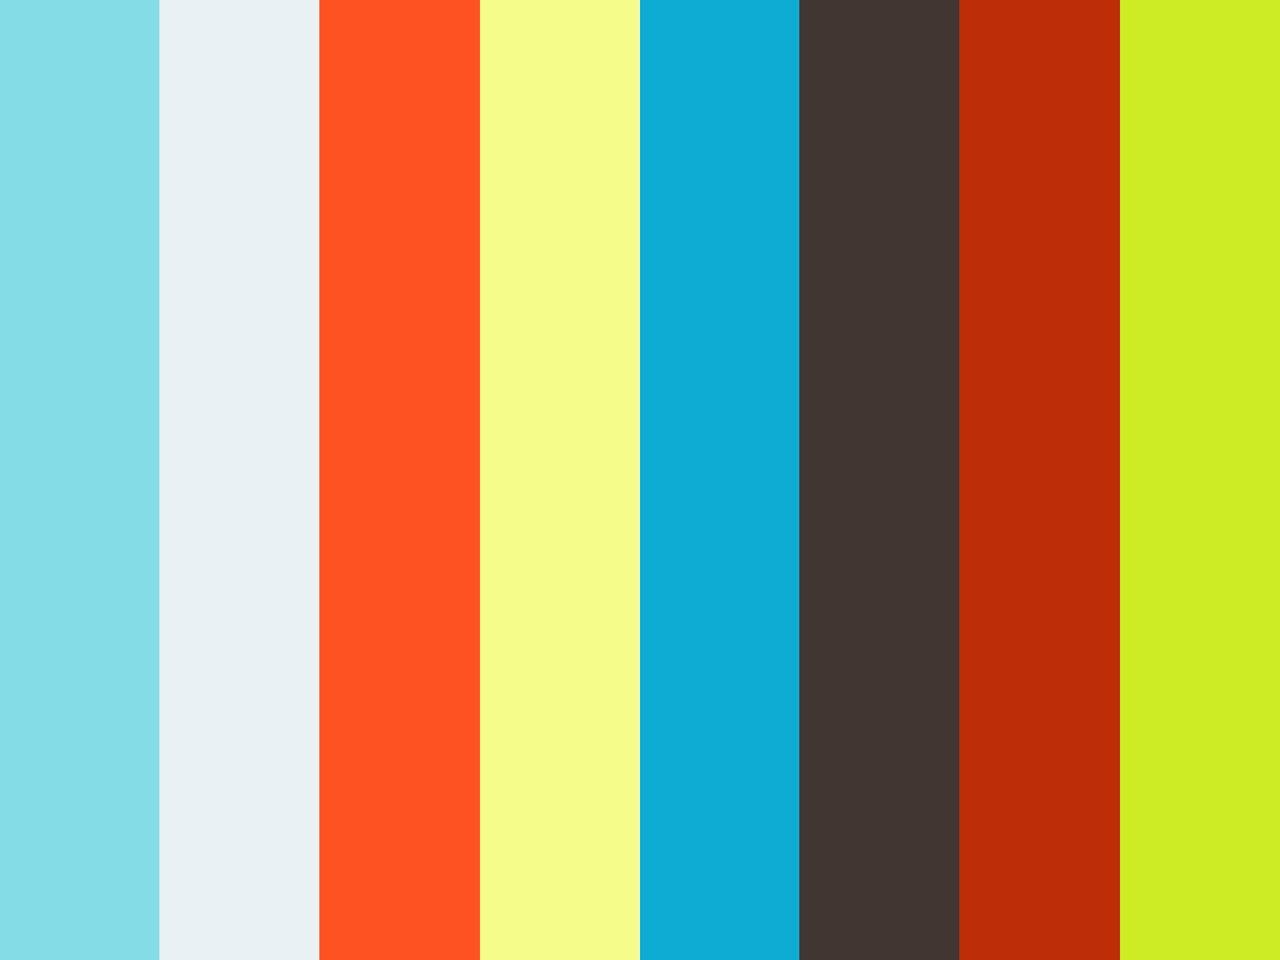 Molokai Covid19 update - March 23, 2020